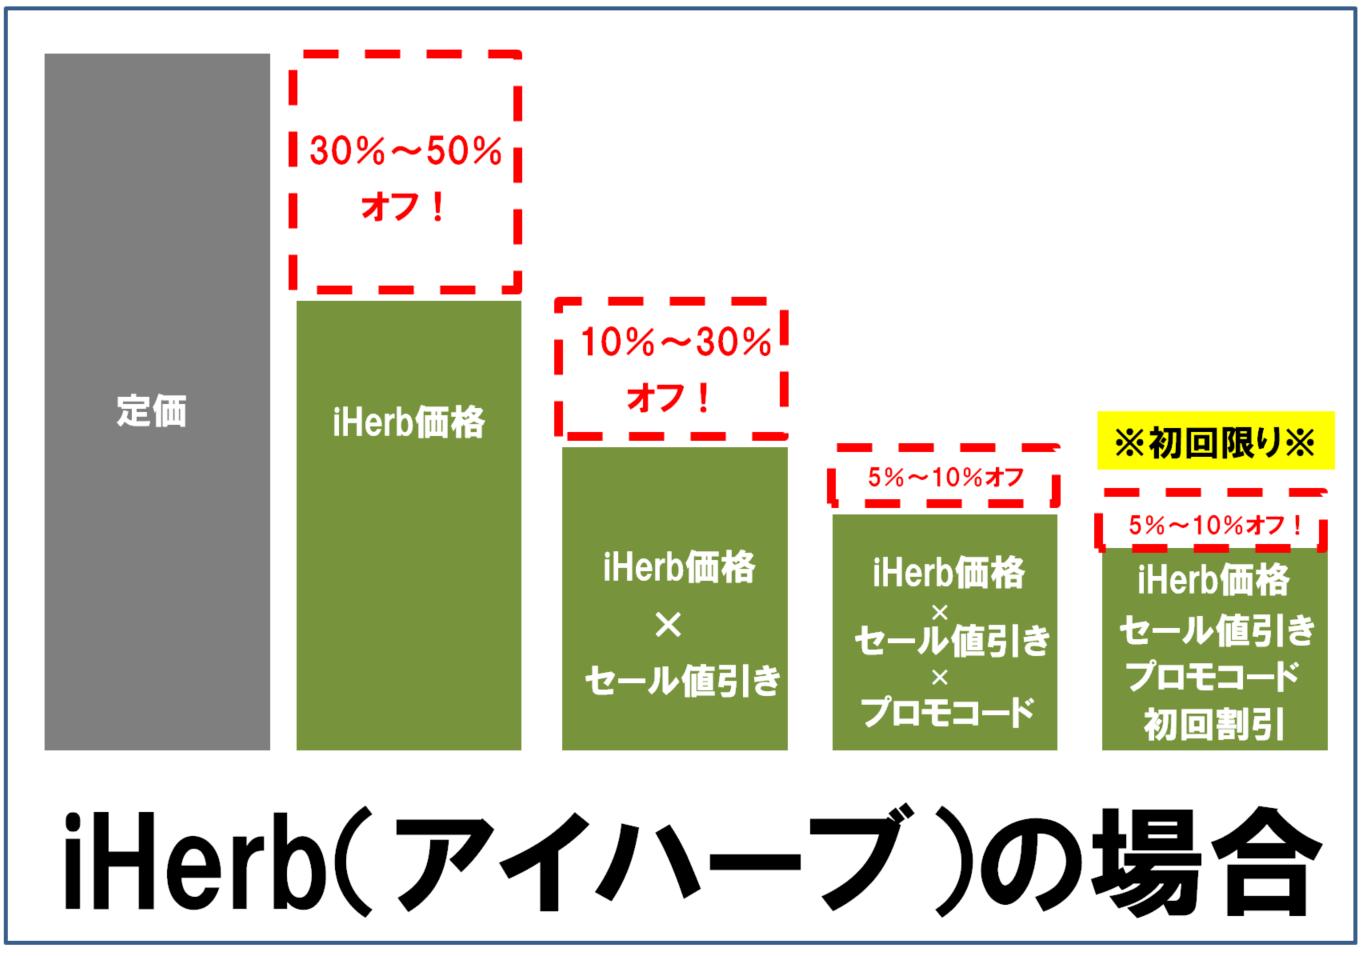 iHerbのセールの仕組み